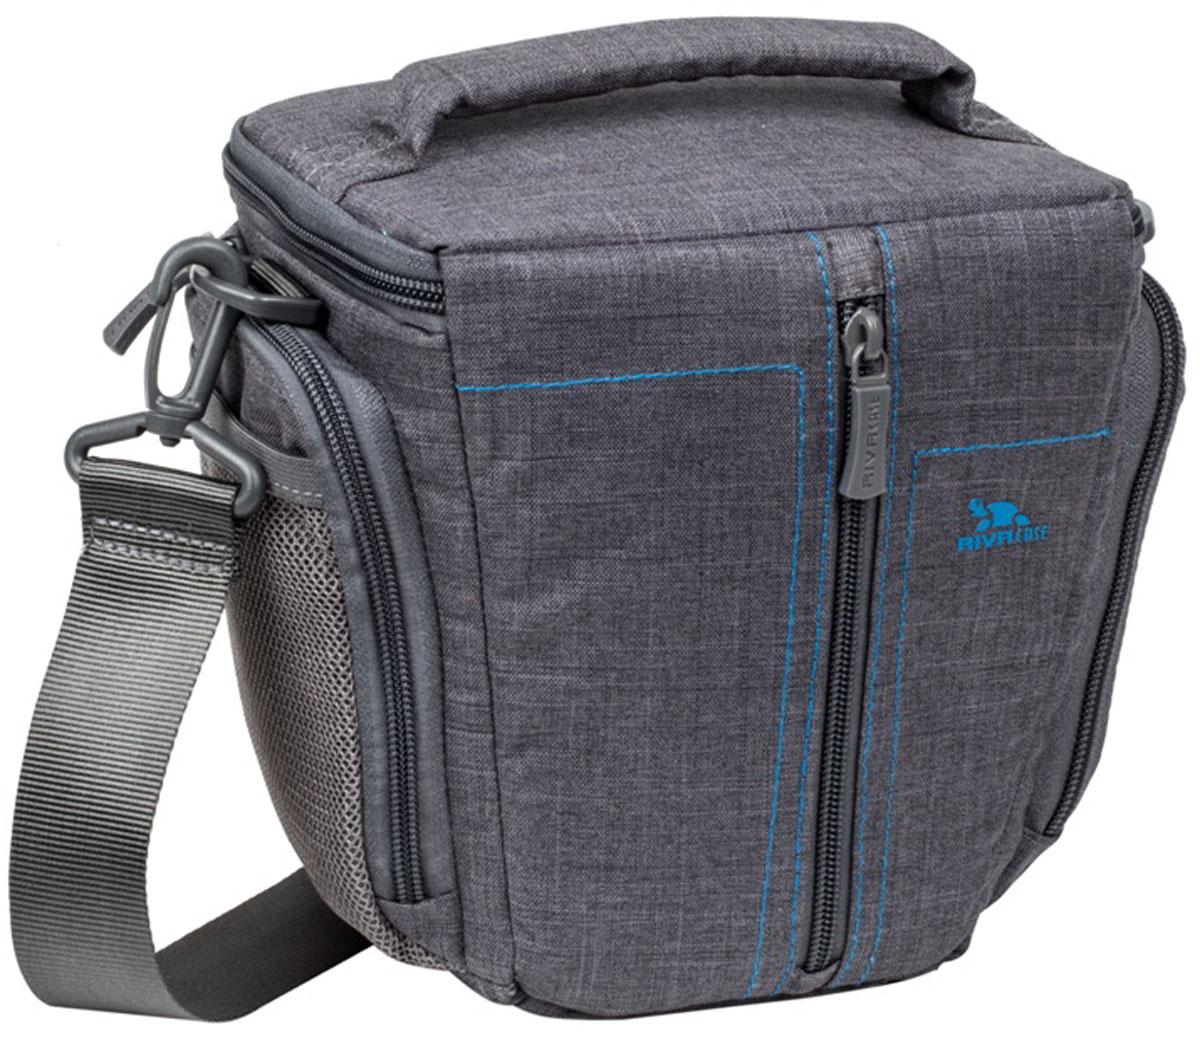 Riva 7501 SLR Canvas Case, Grey сумка для зеркальной фотокамеры